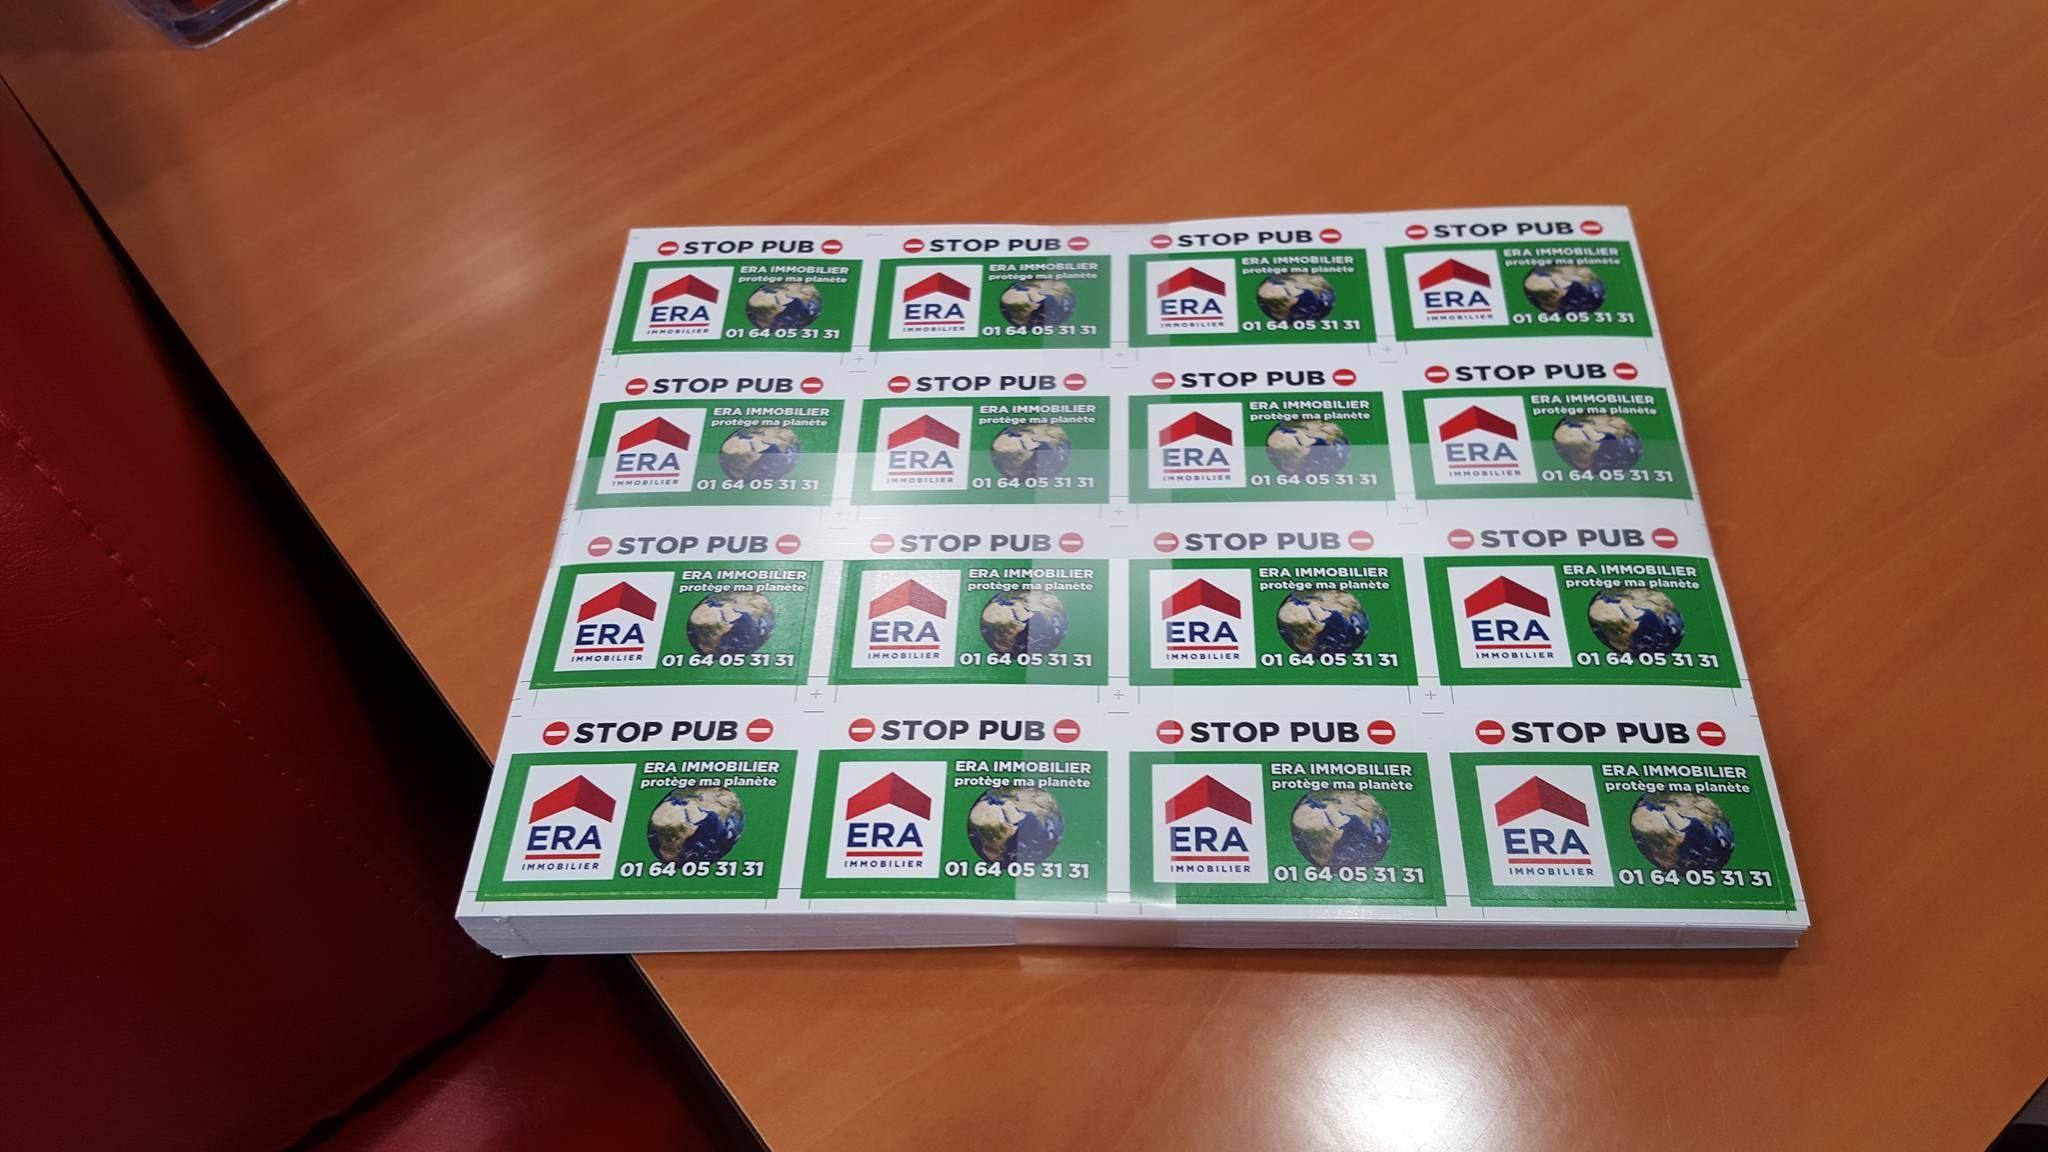 Les Stickers Stoppub Pour Boite A Lettres Sont Arrivees Chez